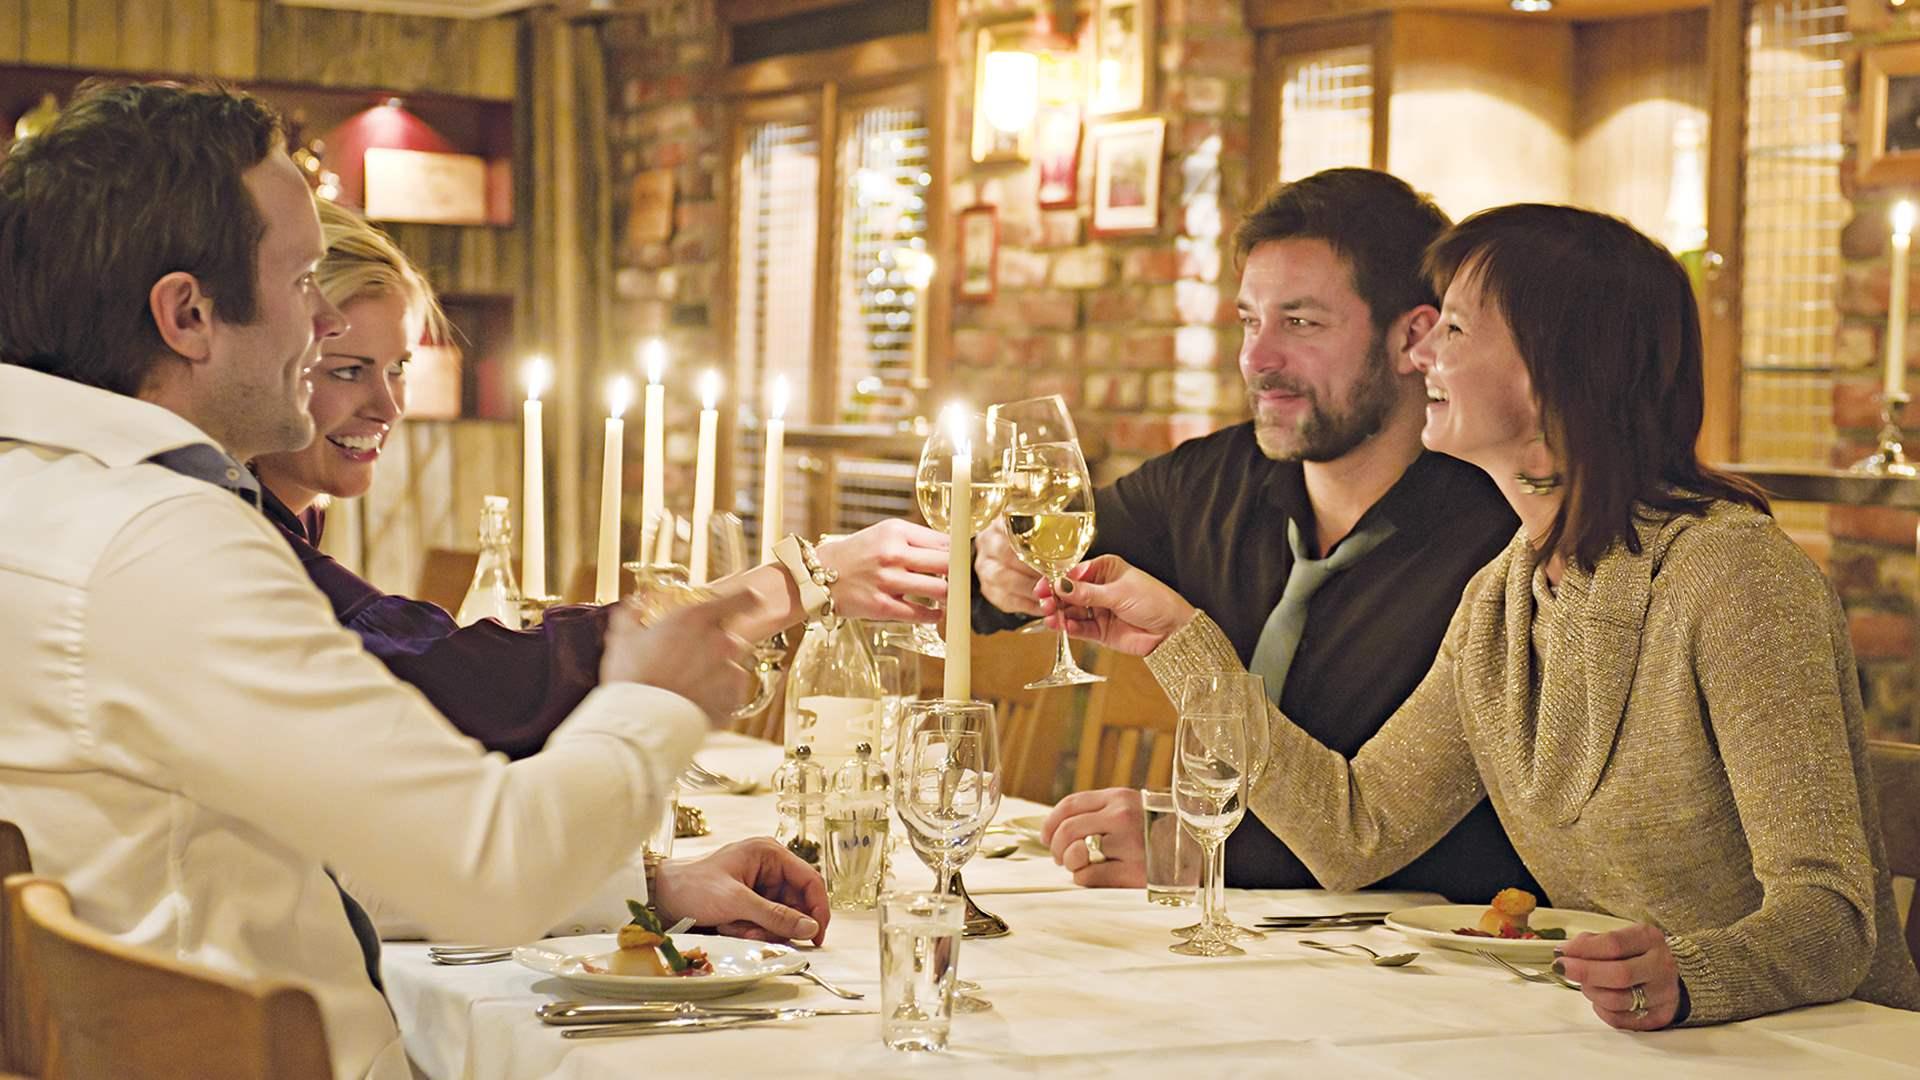 Rauland høgfjellshotell Restaurant